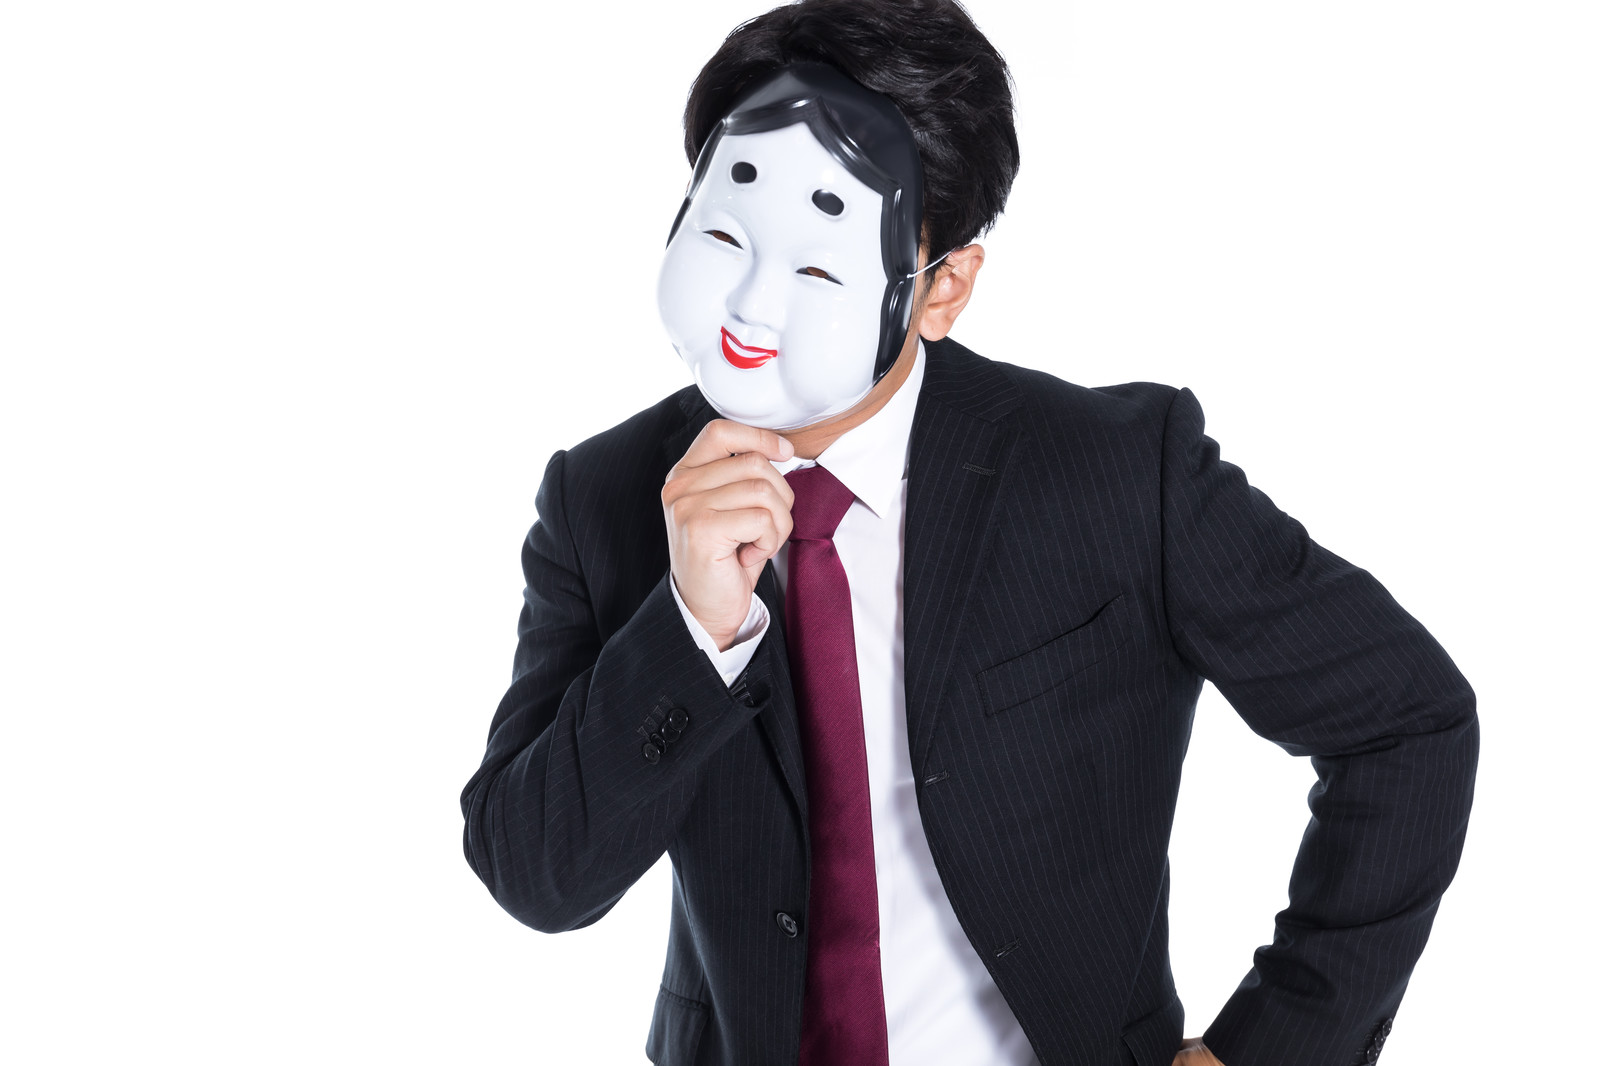 「考え込むおかめ男子」の写真[モデル:大川竜弥]